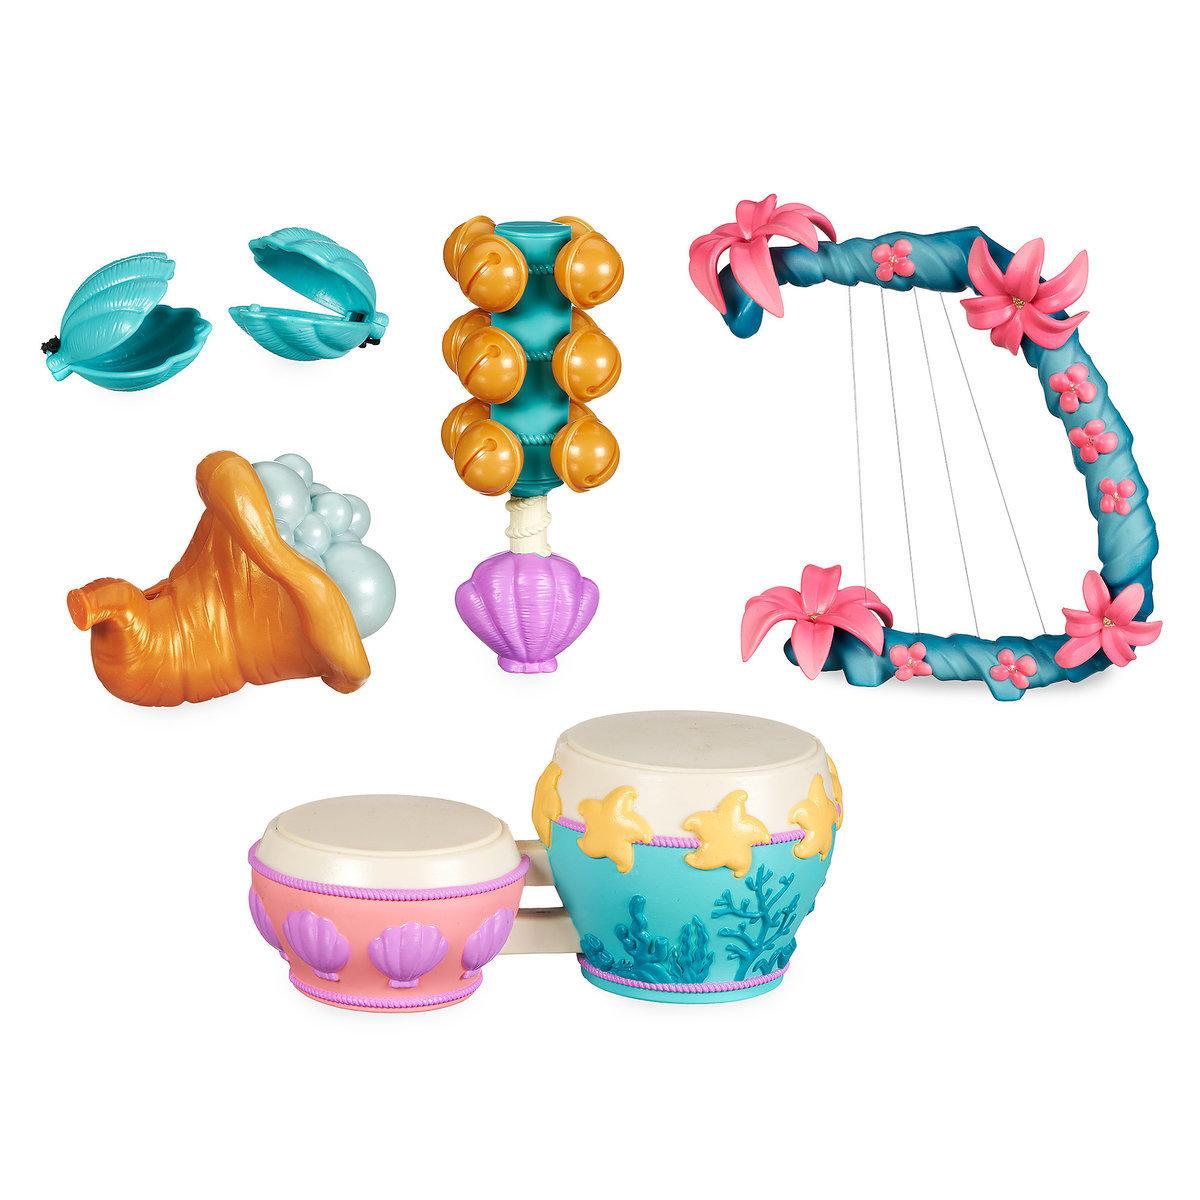 Музыкальный набор для детей Русалочка Дисней